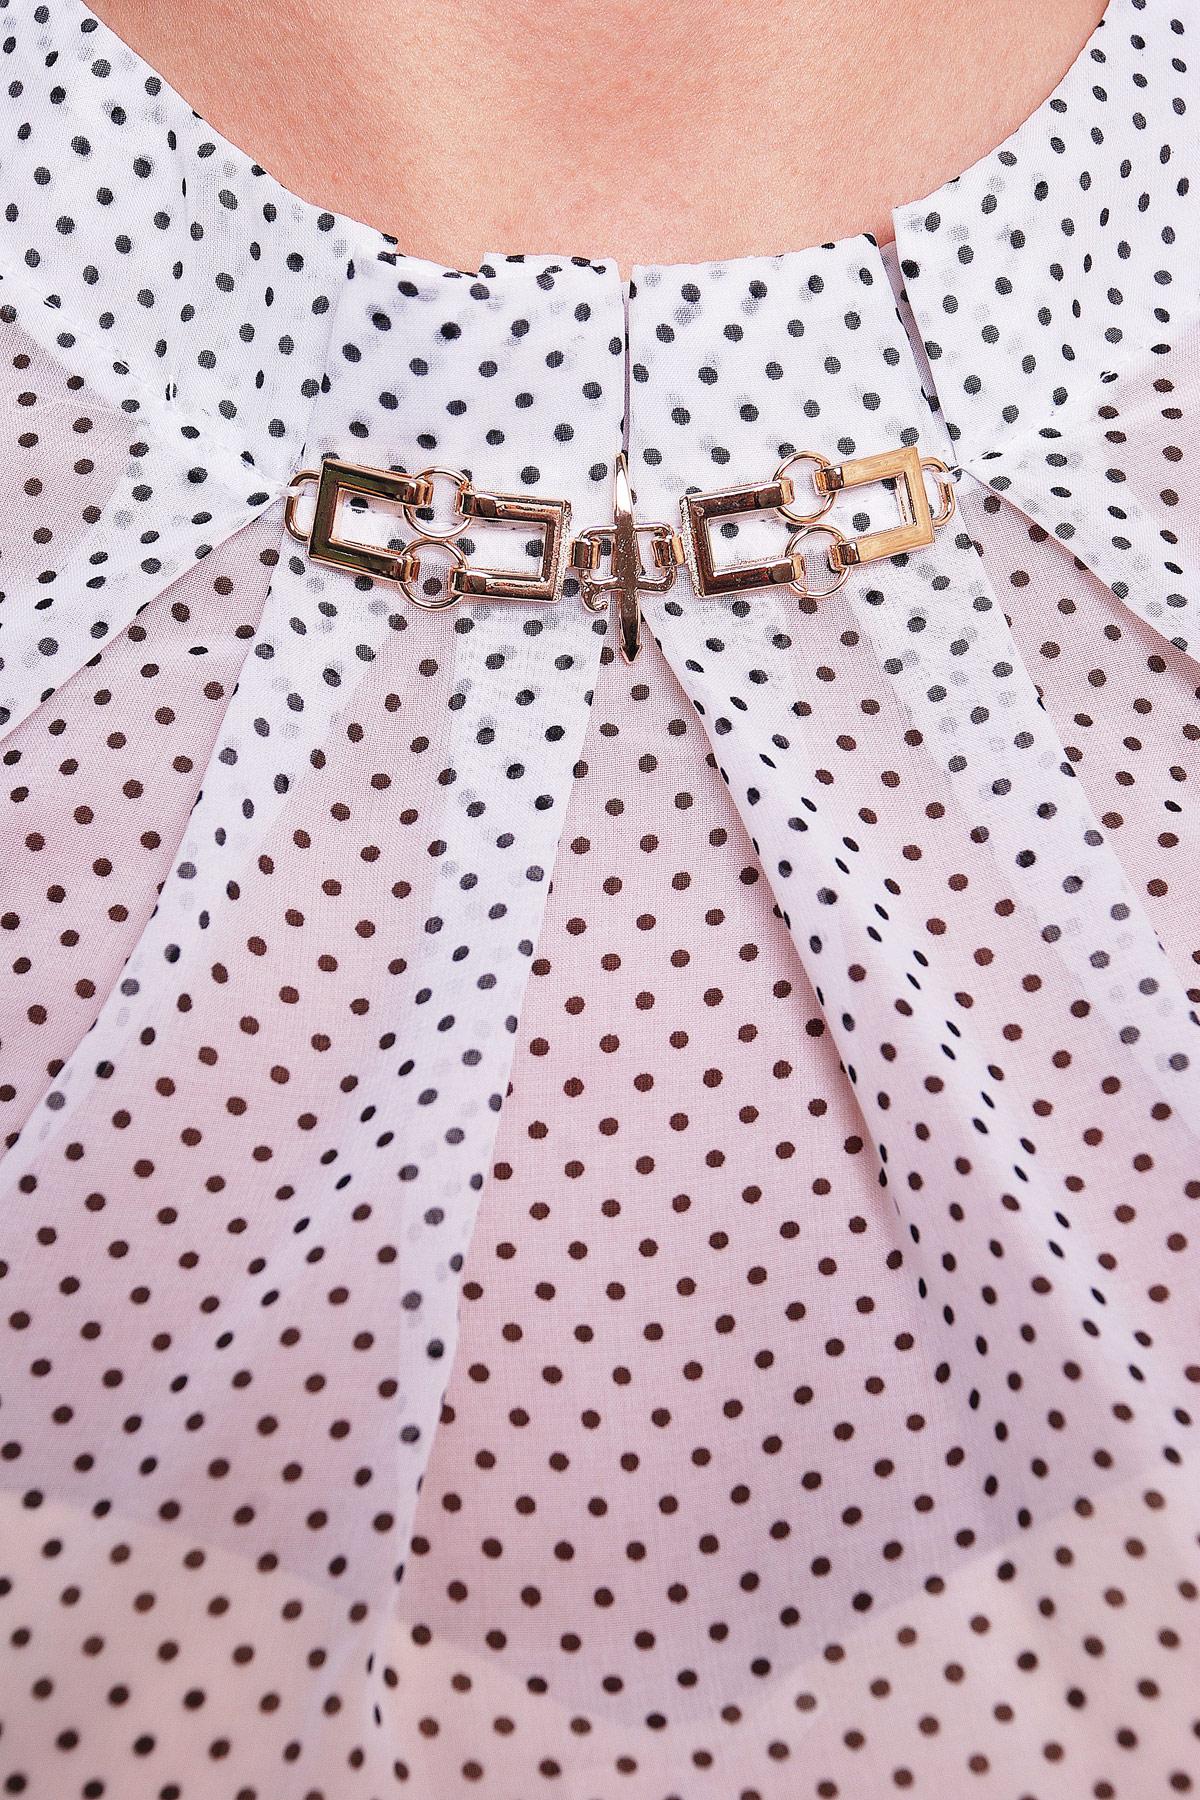 4519c222f04 Цвет  белый  Женская шифоновая блузка с ажурным узором. блуза Энни д р. Цвет   белый